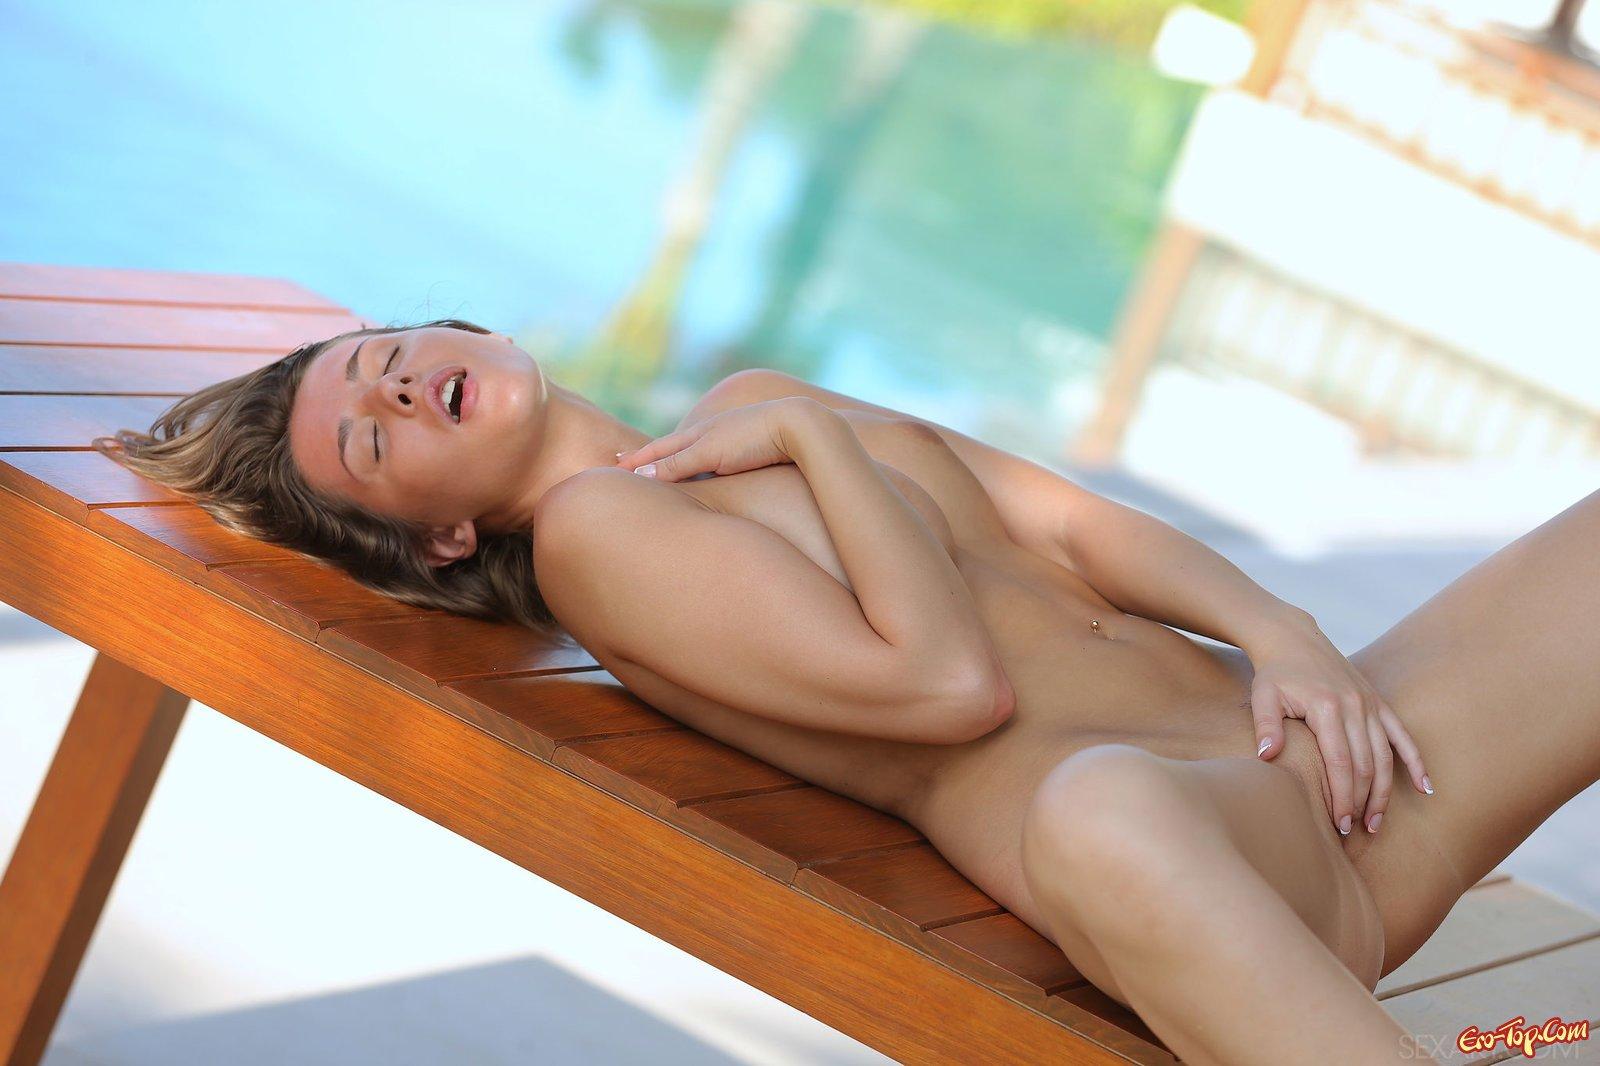 Красотка с пышной грудью сняла купальник